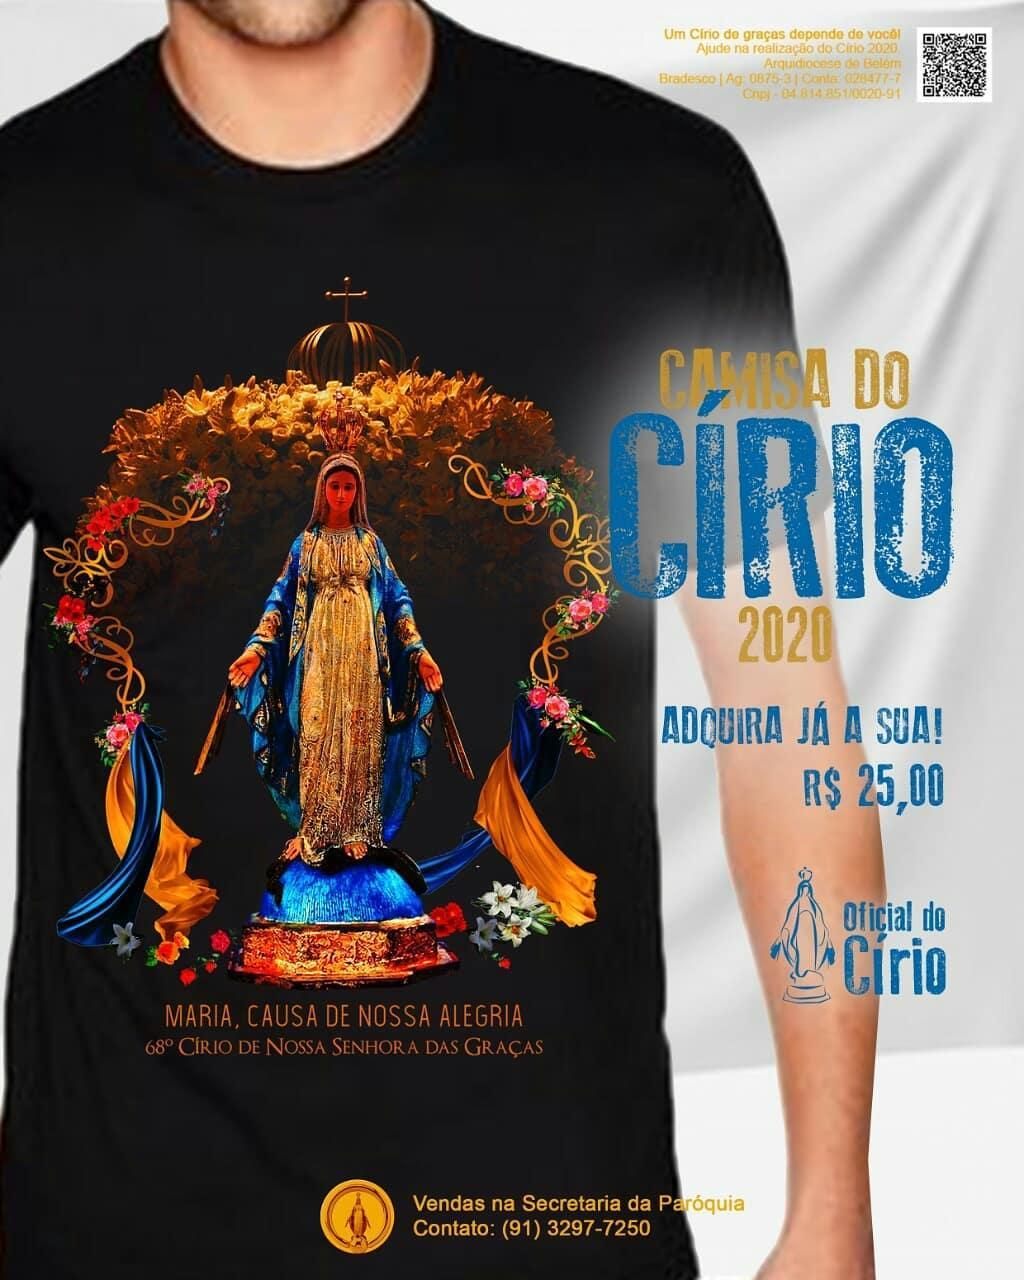 Lindas Camisas exclusivas para o Círio de Nossa Senhora das Graças